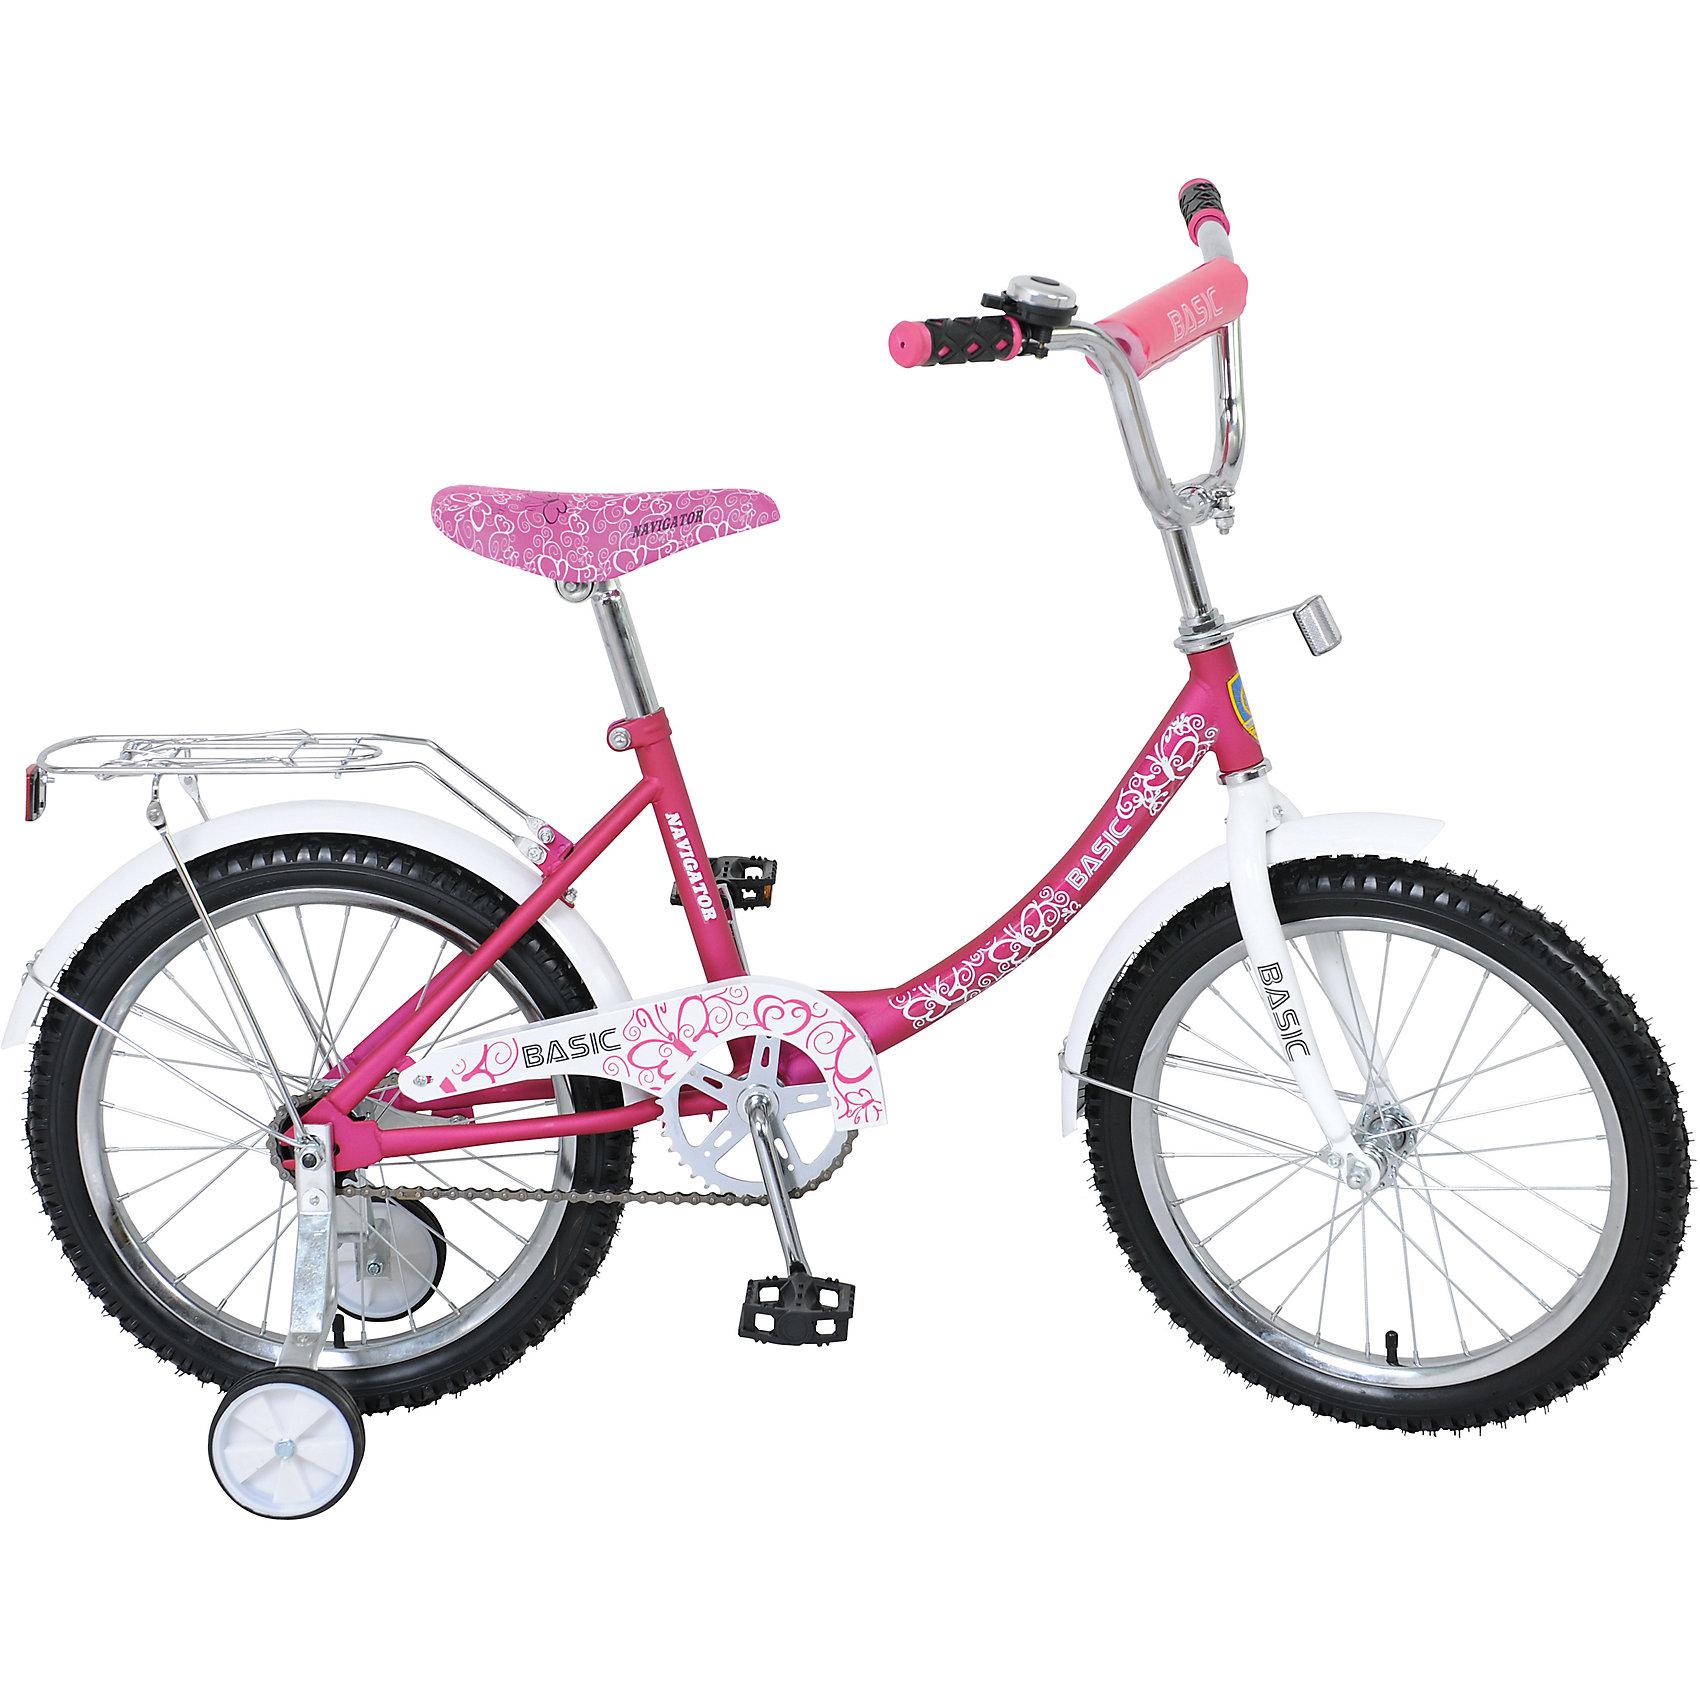 Двухколесный велосипед Basic, розово-белый, Navigator